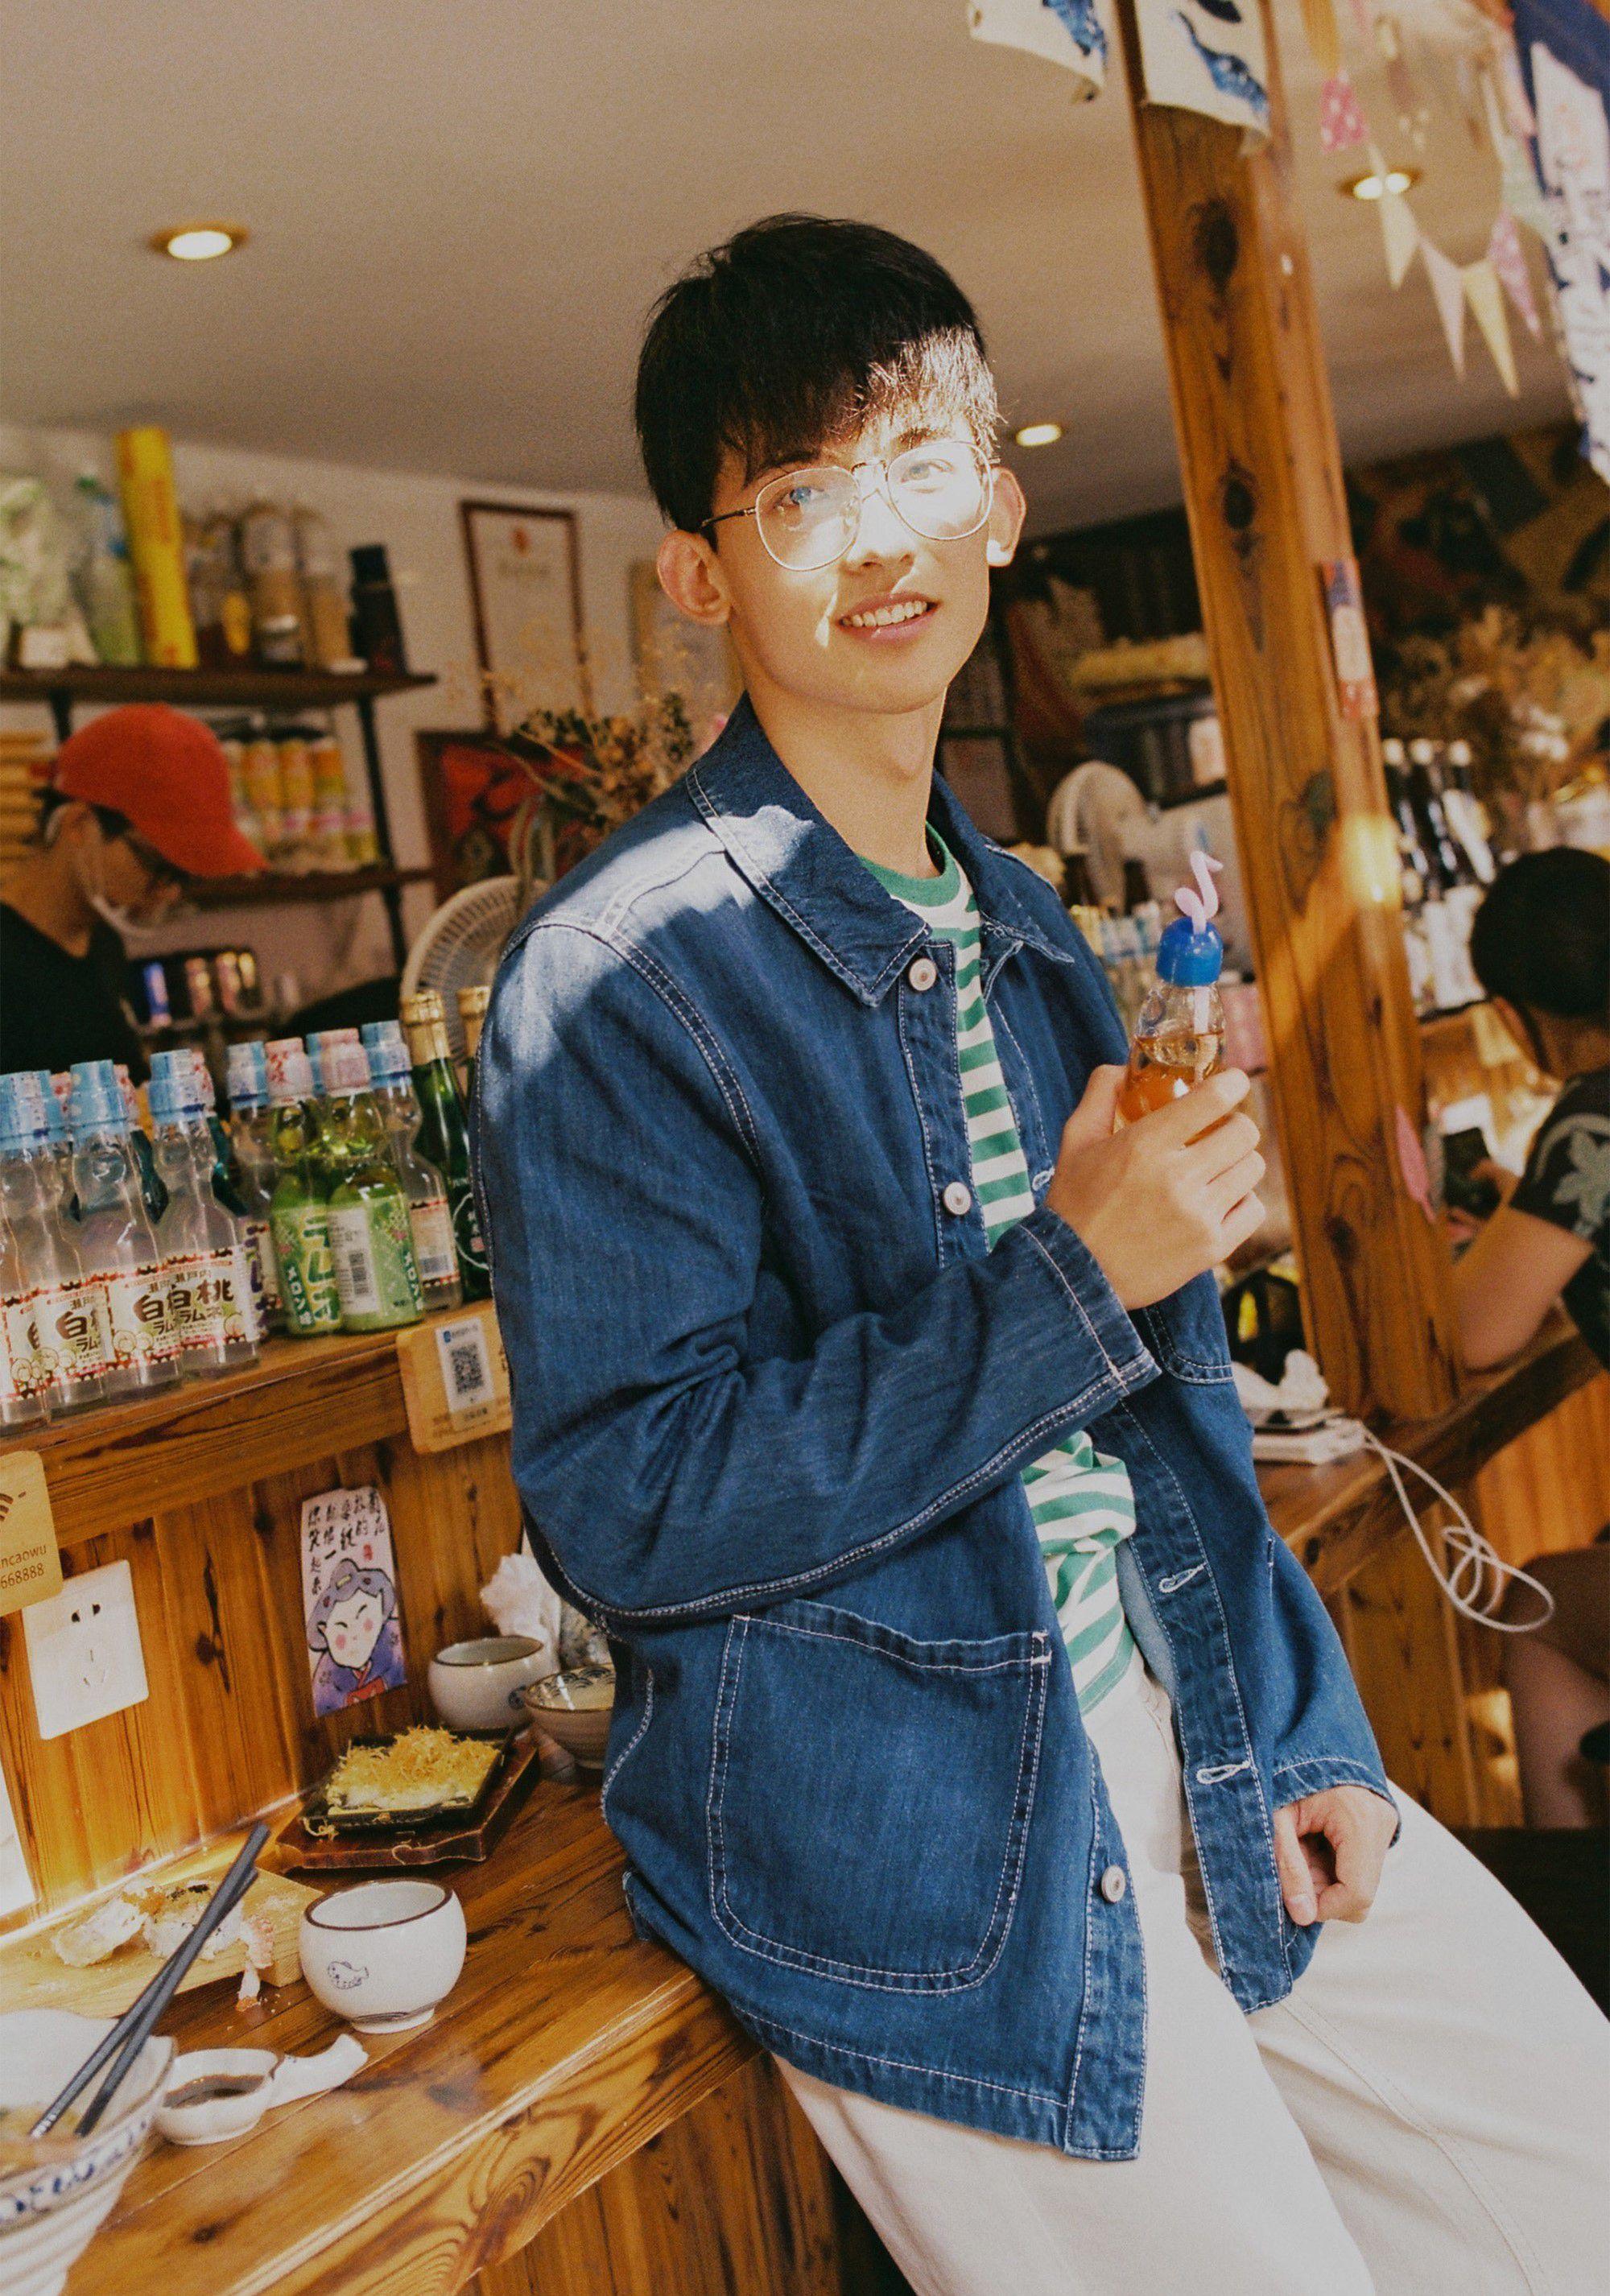 Thường Ưu Tú: Hot boy Tik Tok Trung Quốc gây sốt bởi nụ cười tỏa nắng (7)